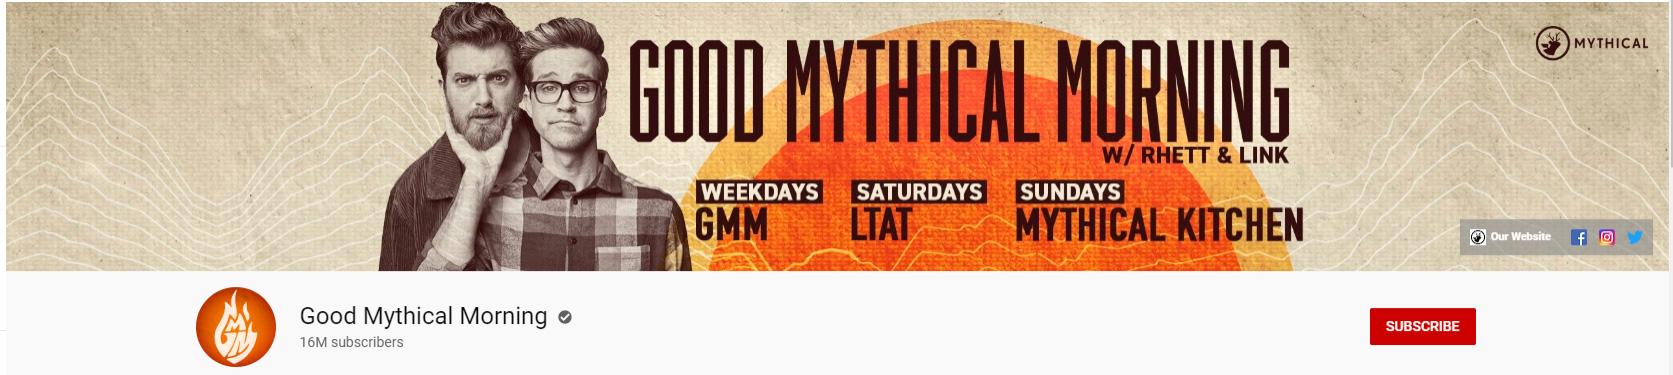 good mythical morning youtube